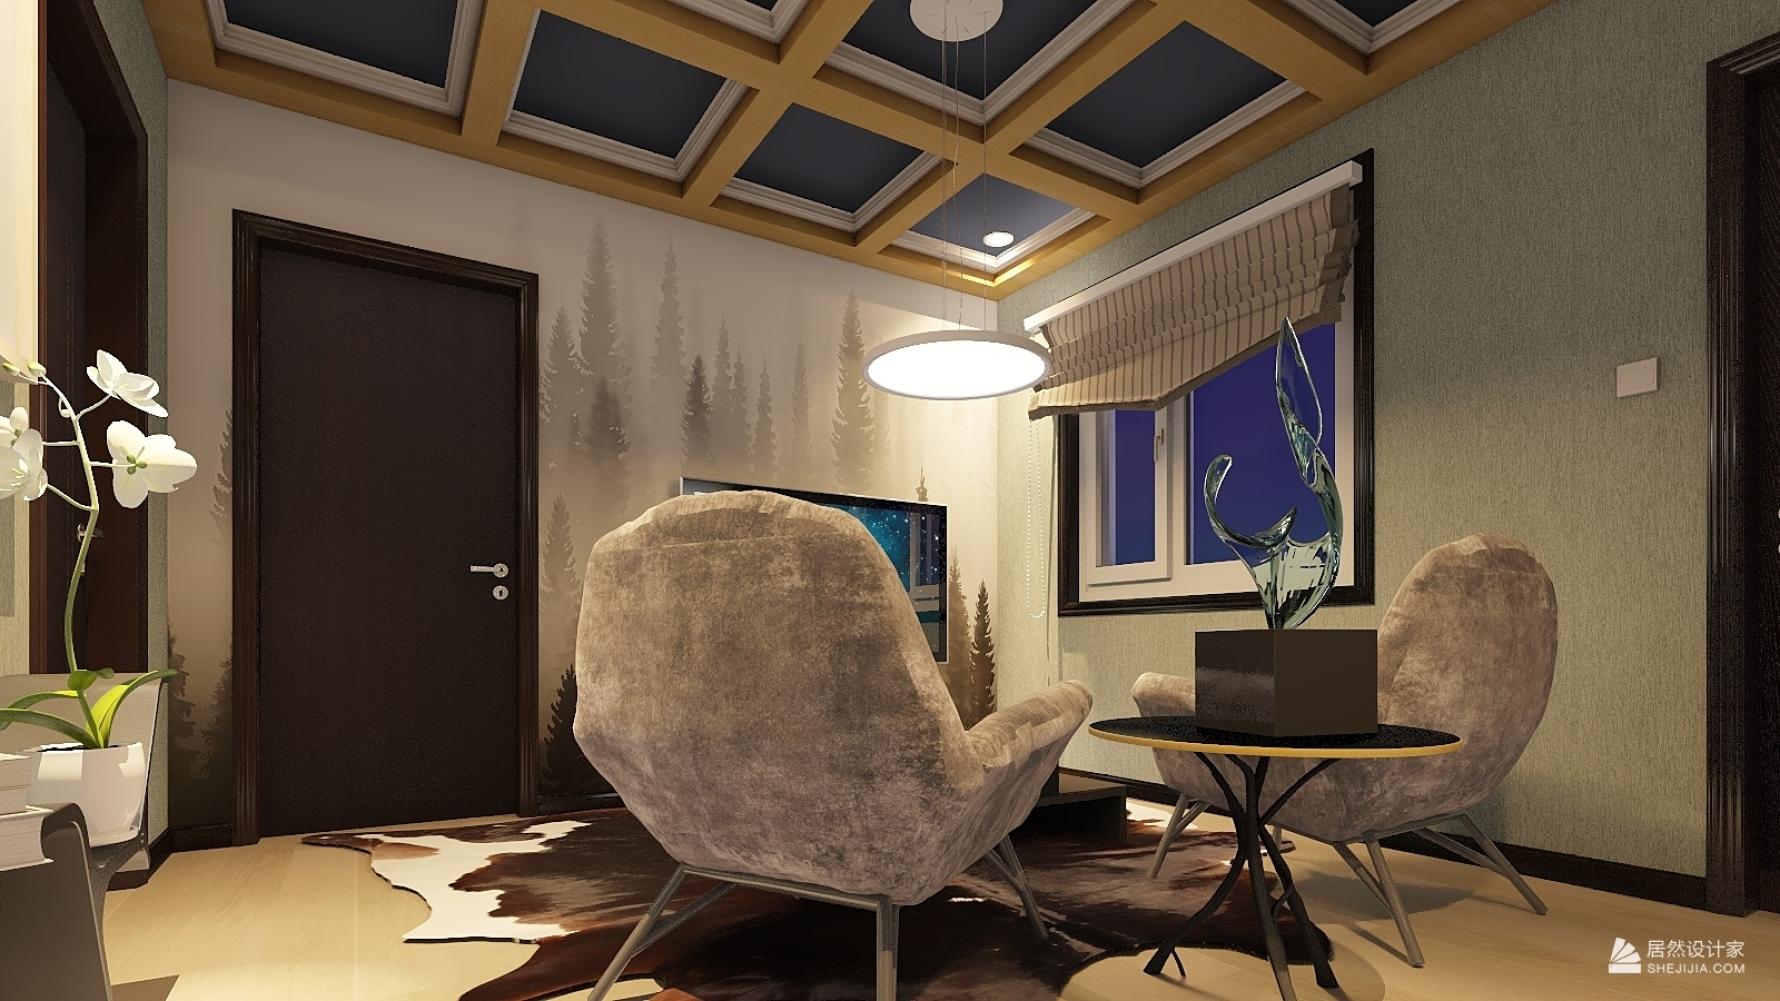 混搭风格两室一厅装修设计图